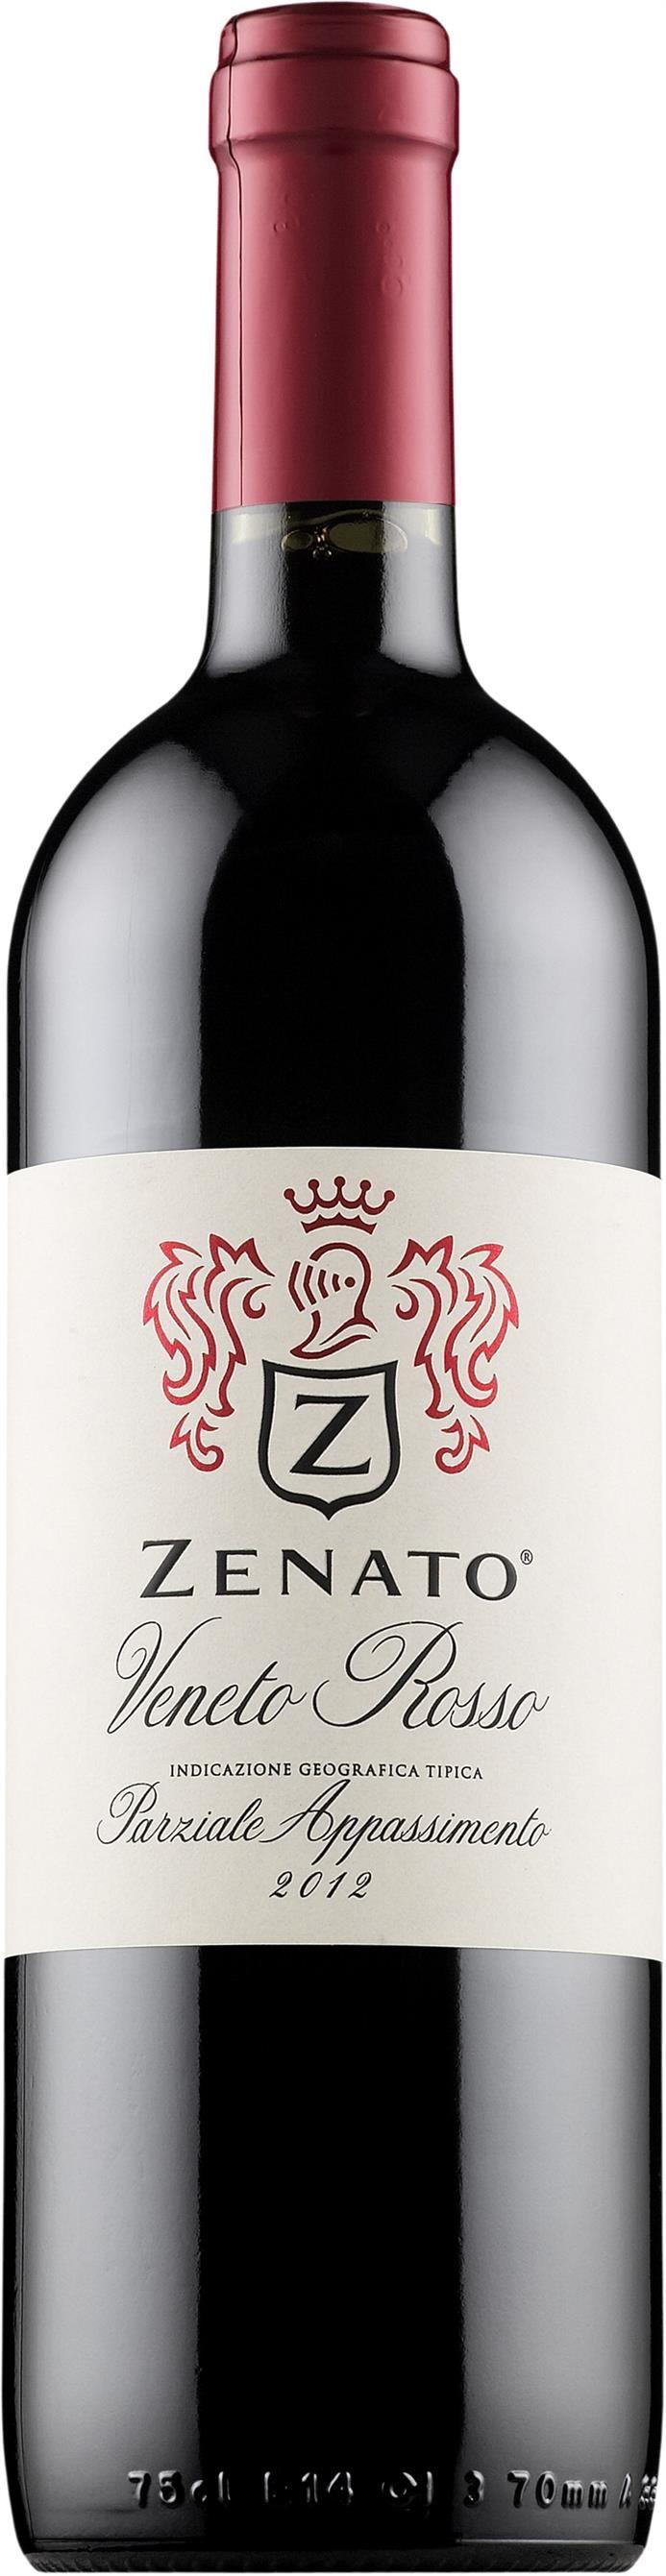 Zenato Veneto Rosso Parziale Appassimento 2012